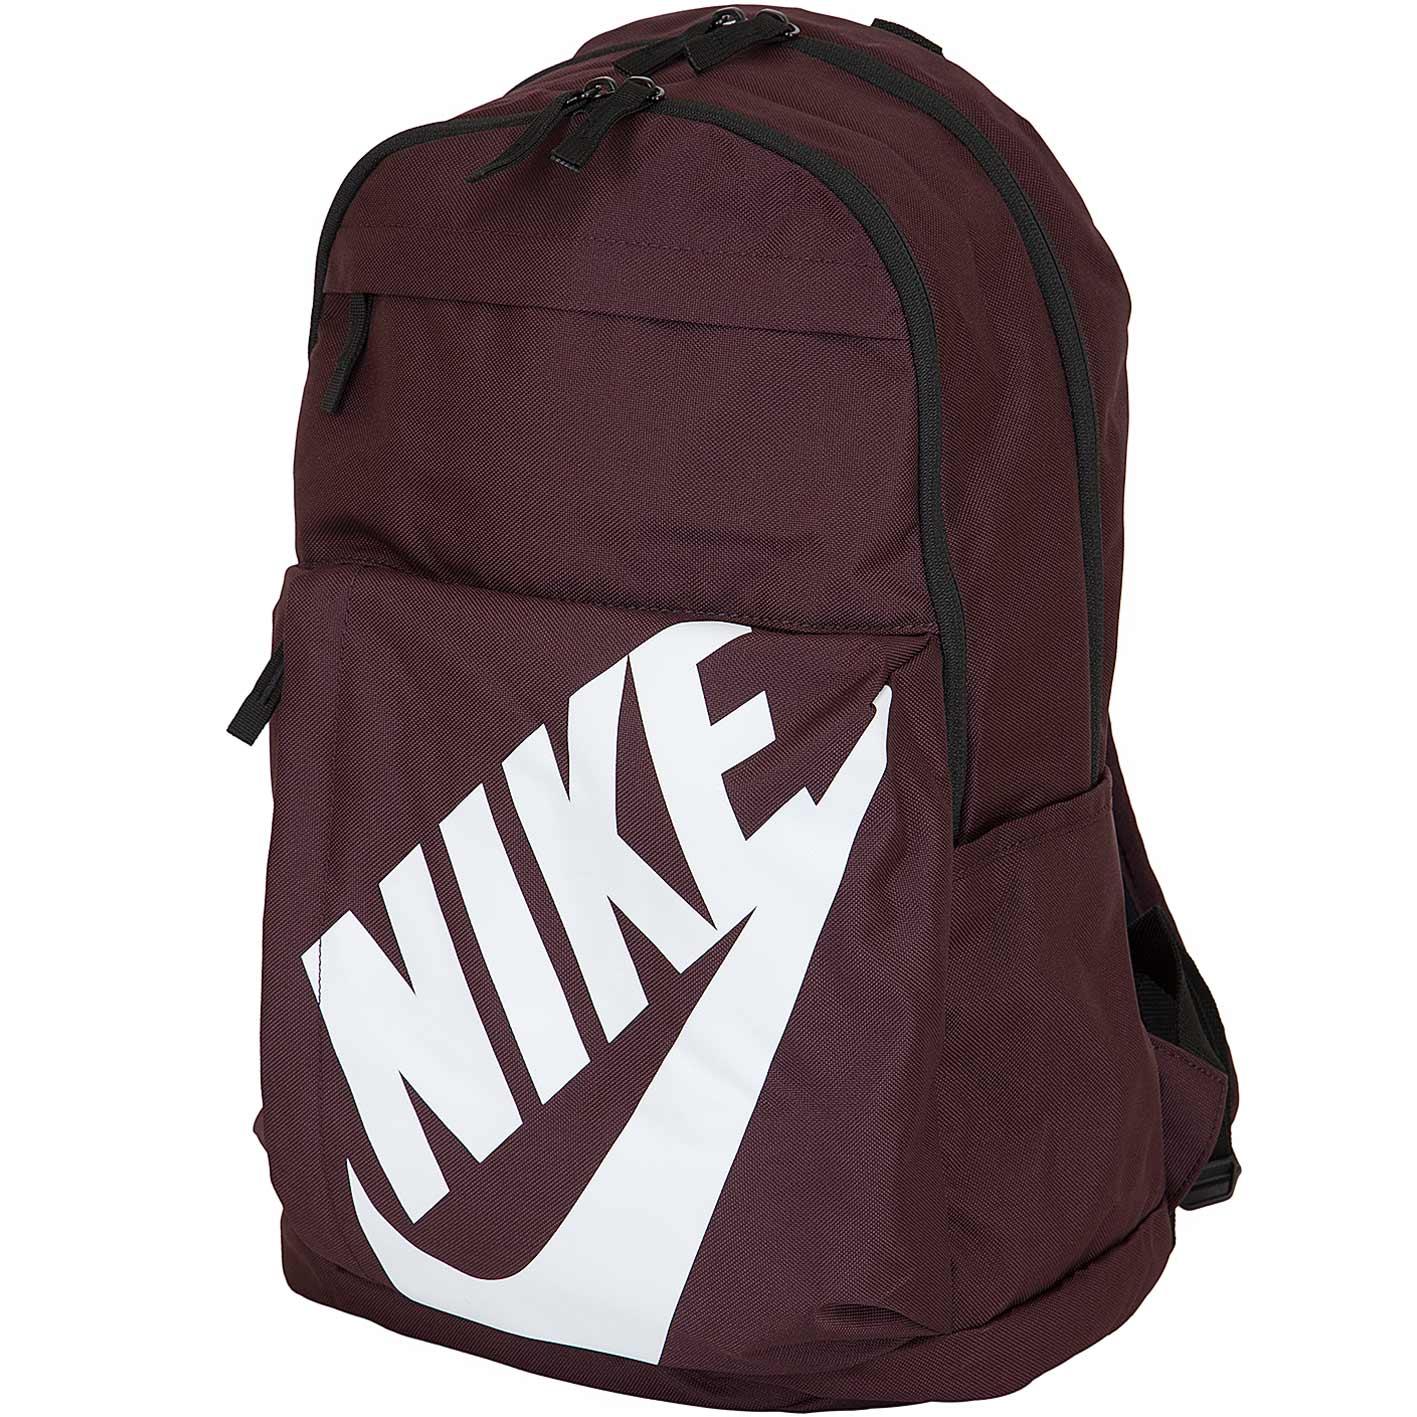 ☆ Nike Rucksack Elemental weinrot hier bestellen!